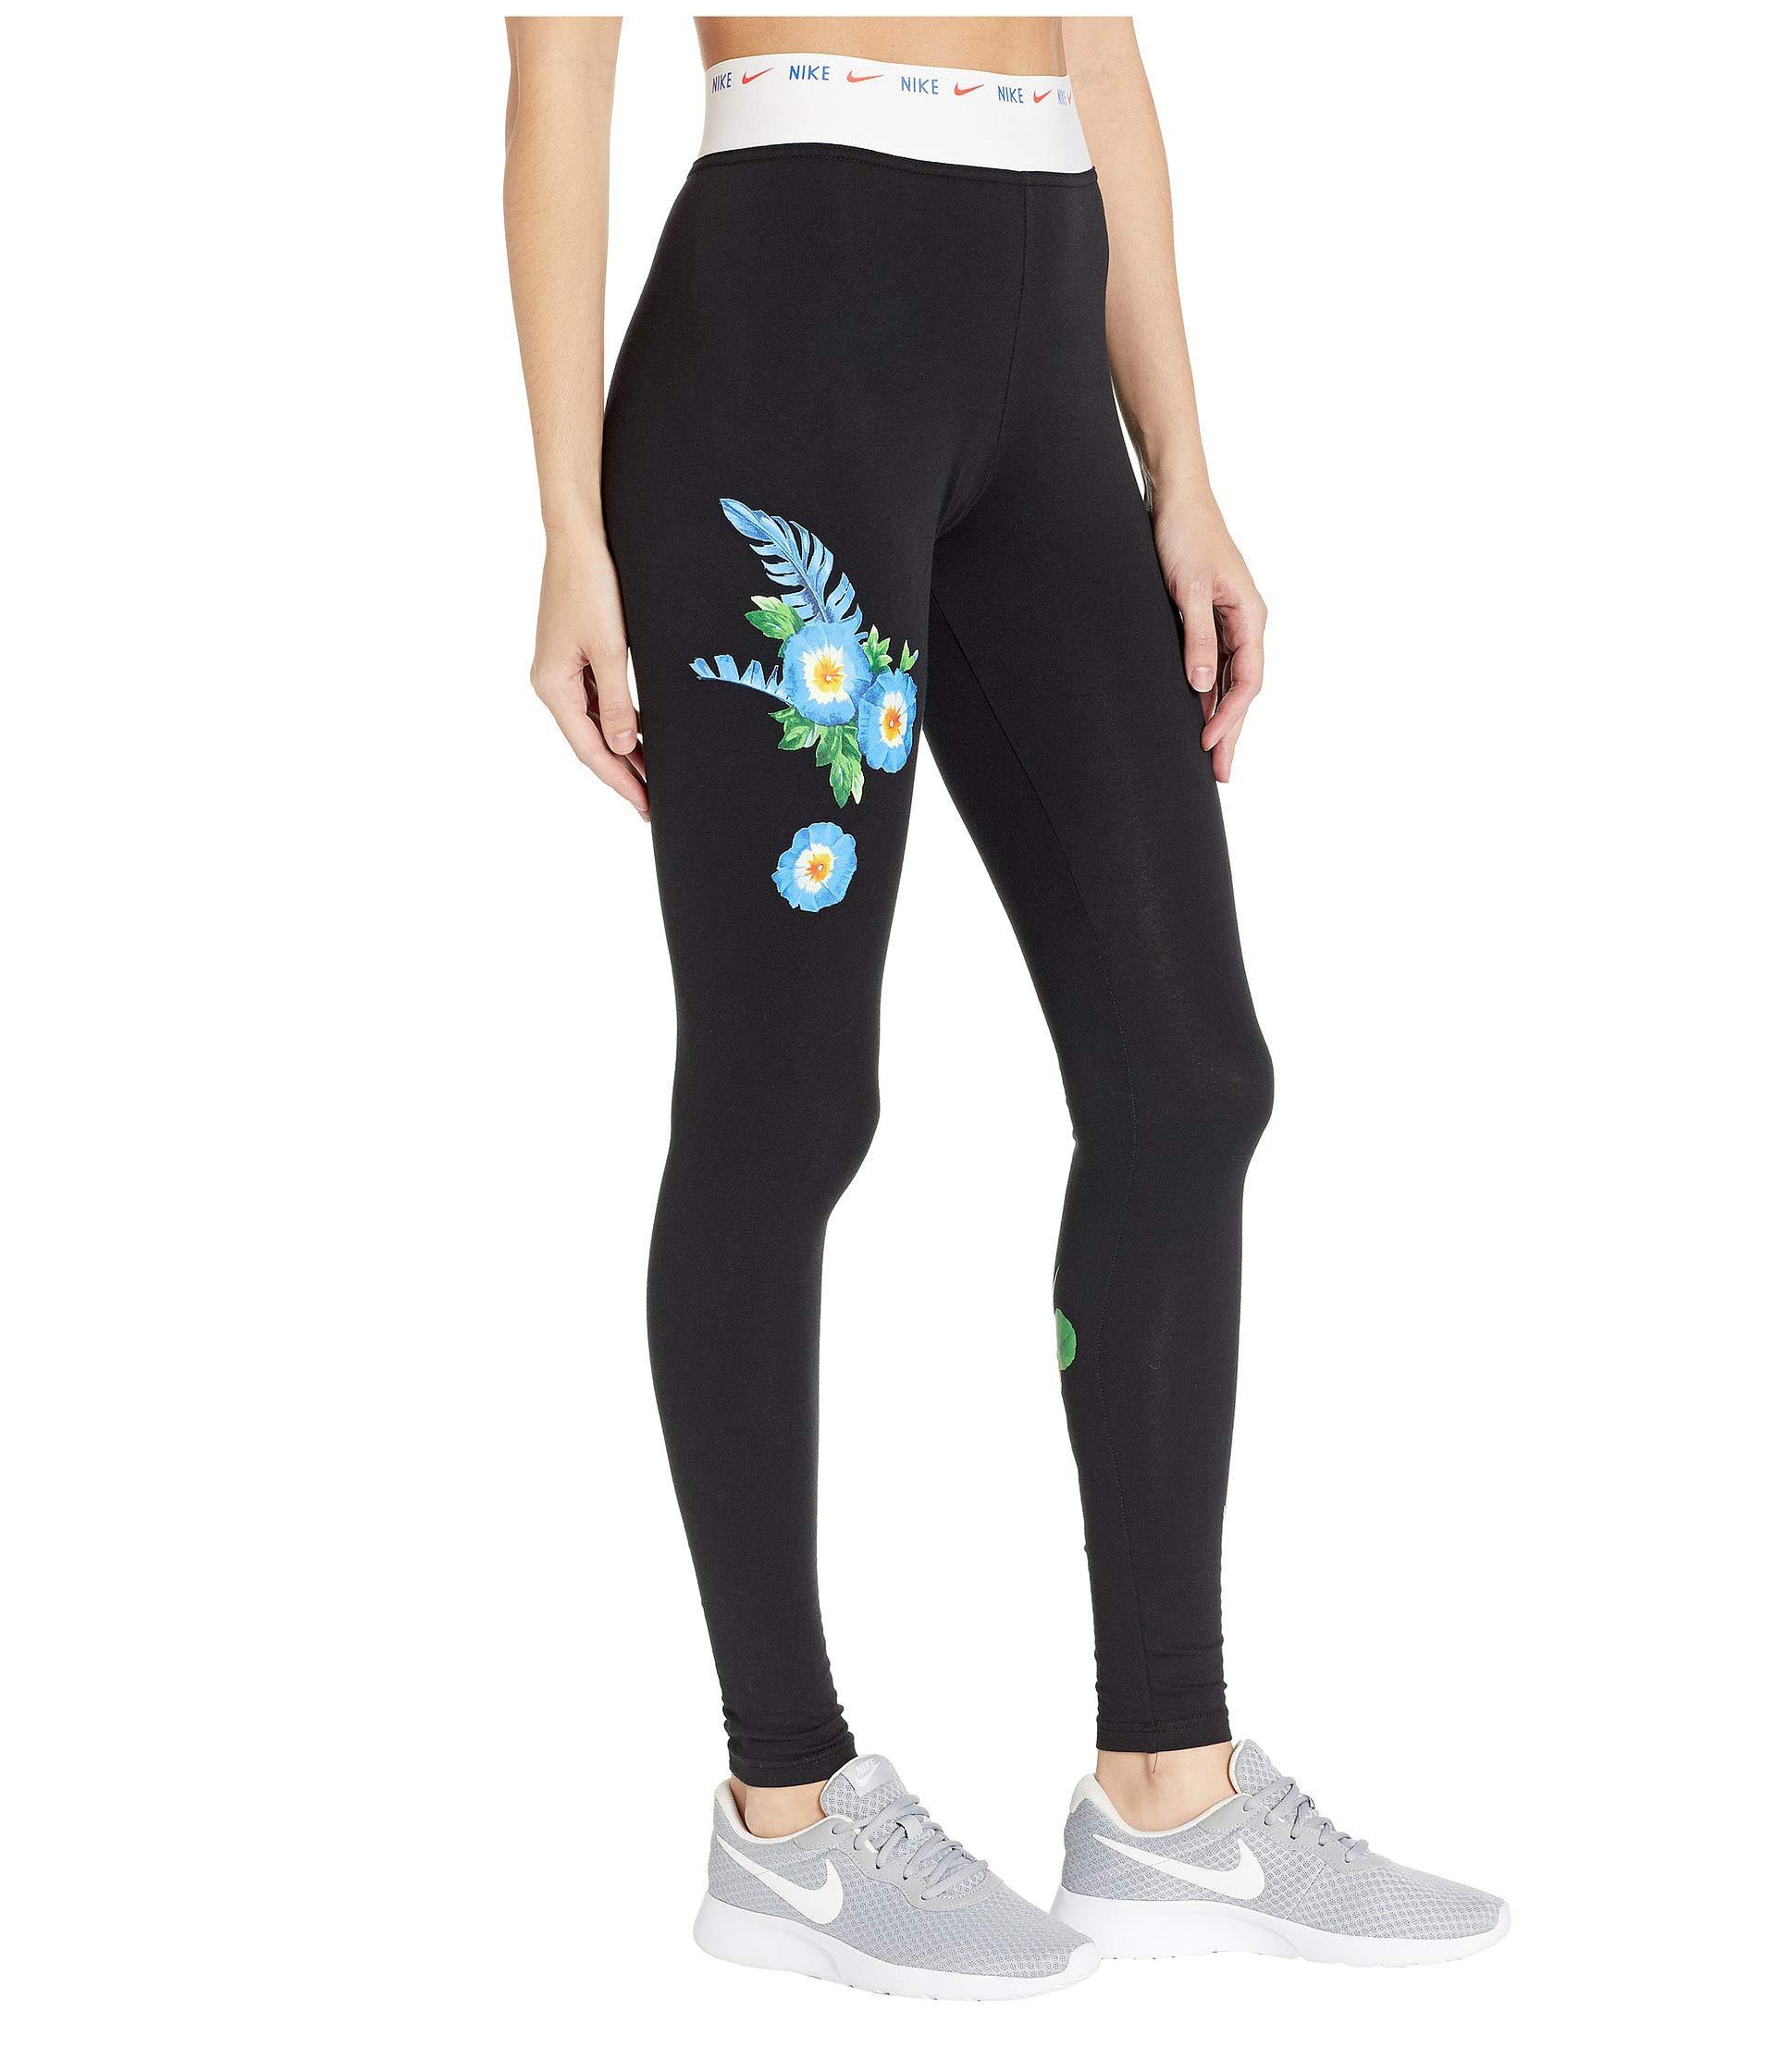 470bb455023 Lyst - Nike Nsw Leggings Graphic Hyper Femme (black white) Women s ...